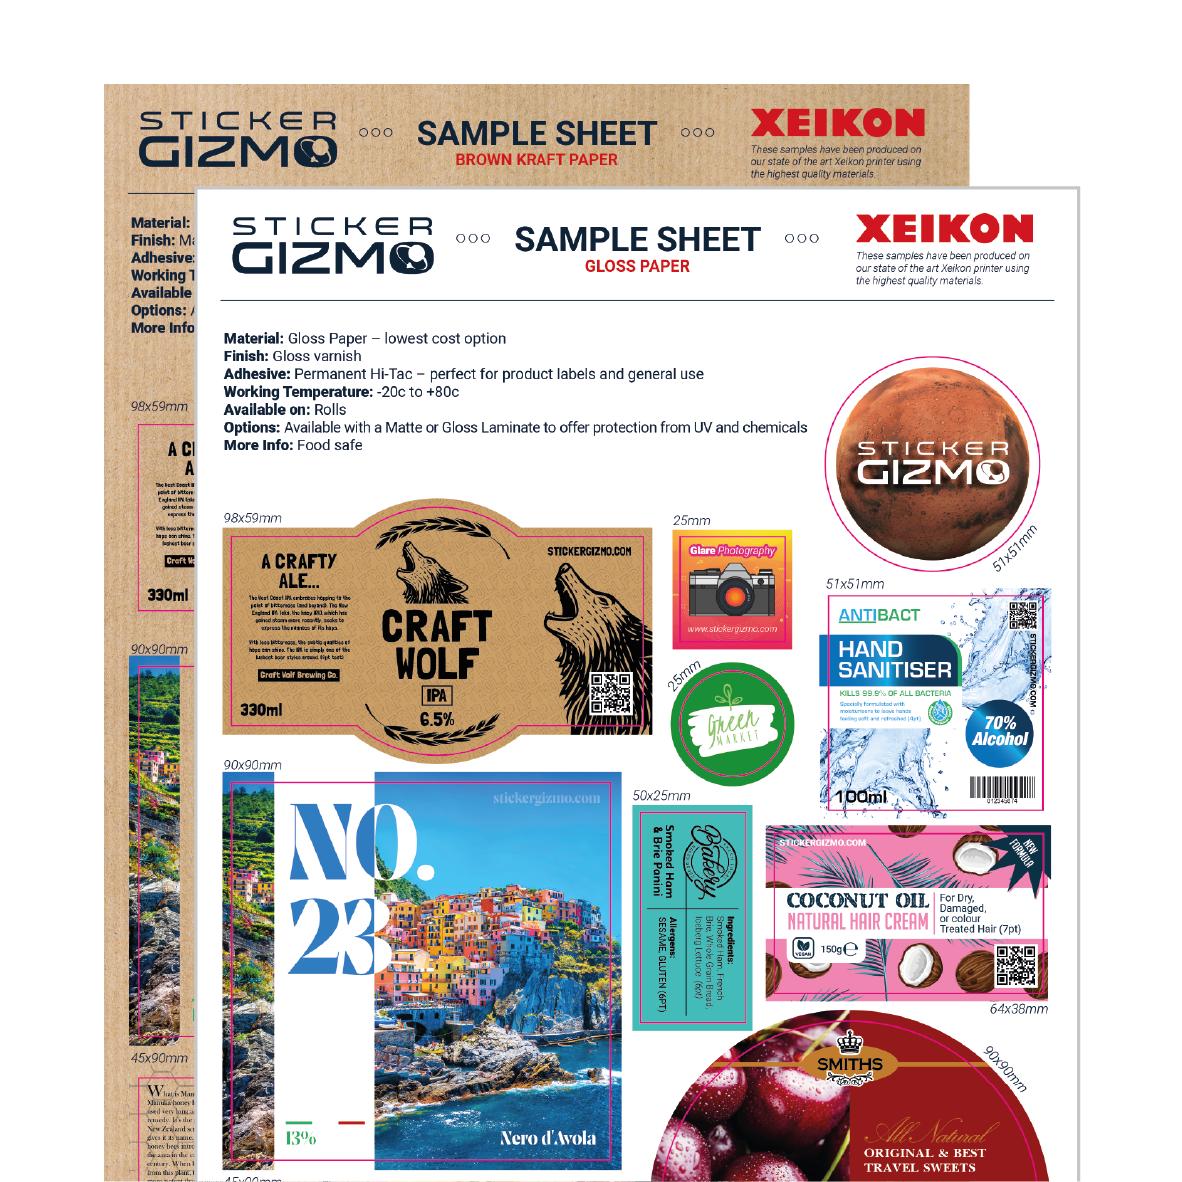 Standard Samples - £1.95 per material